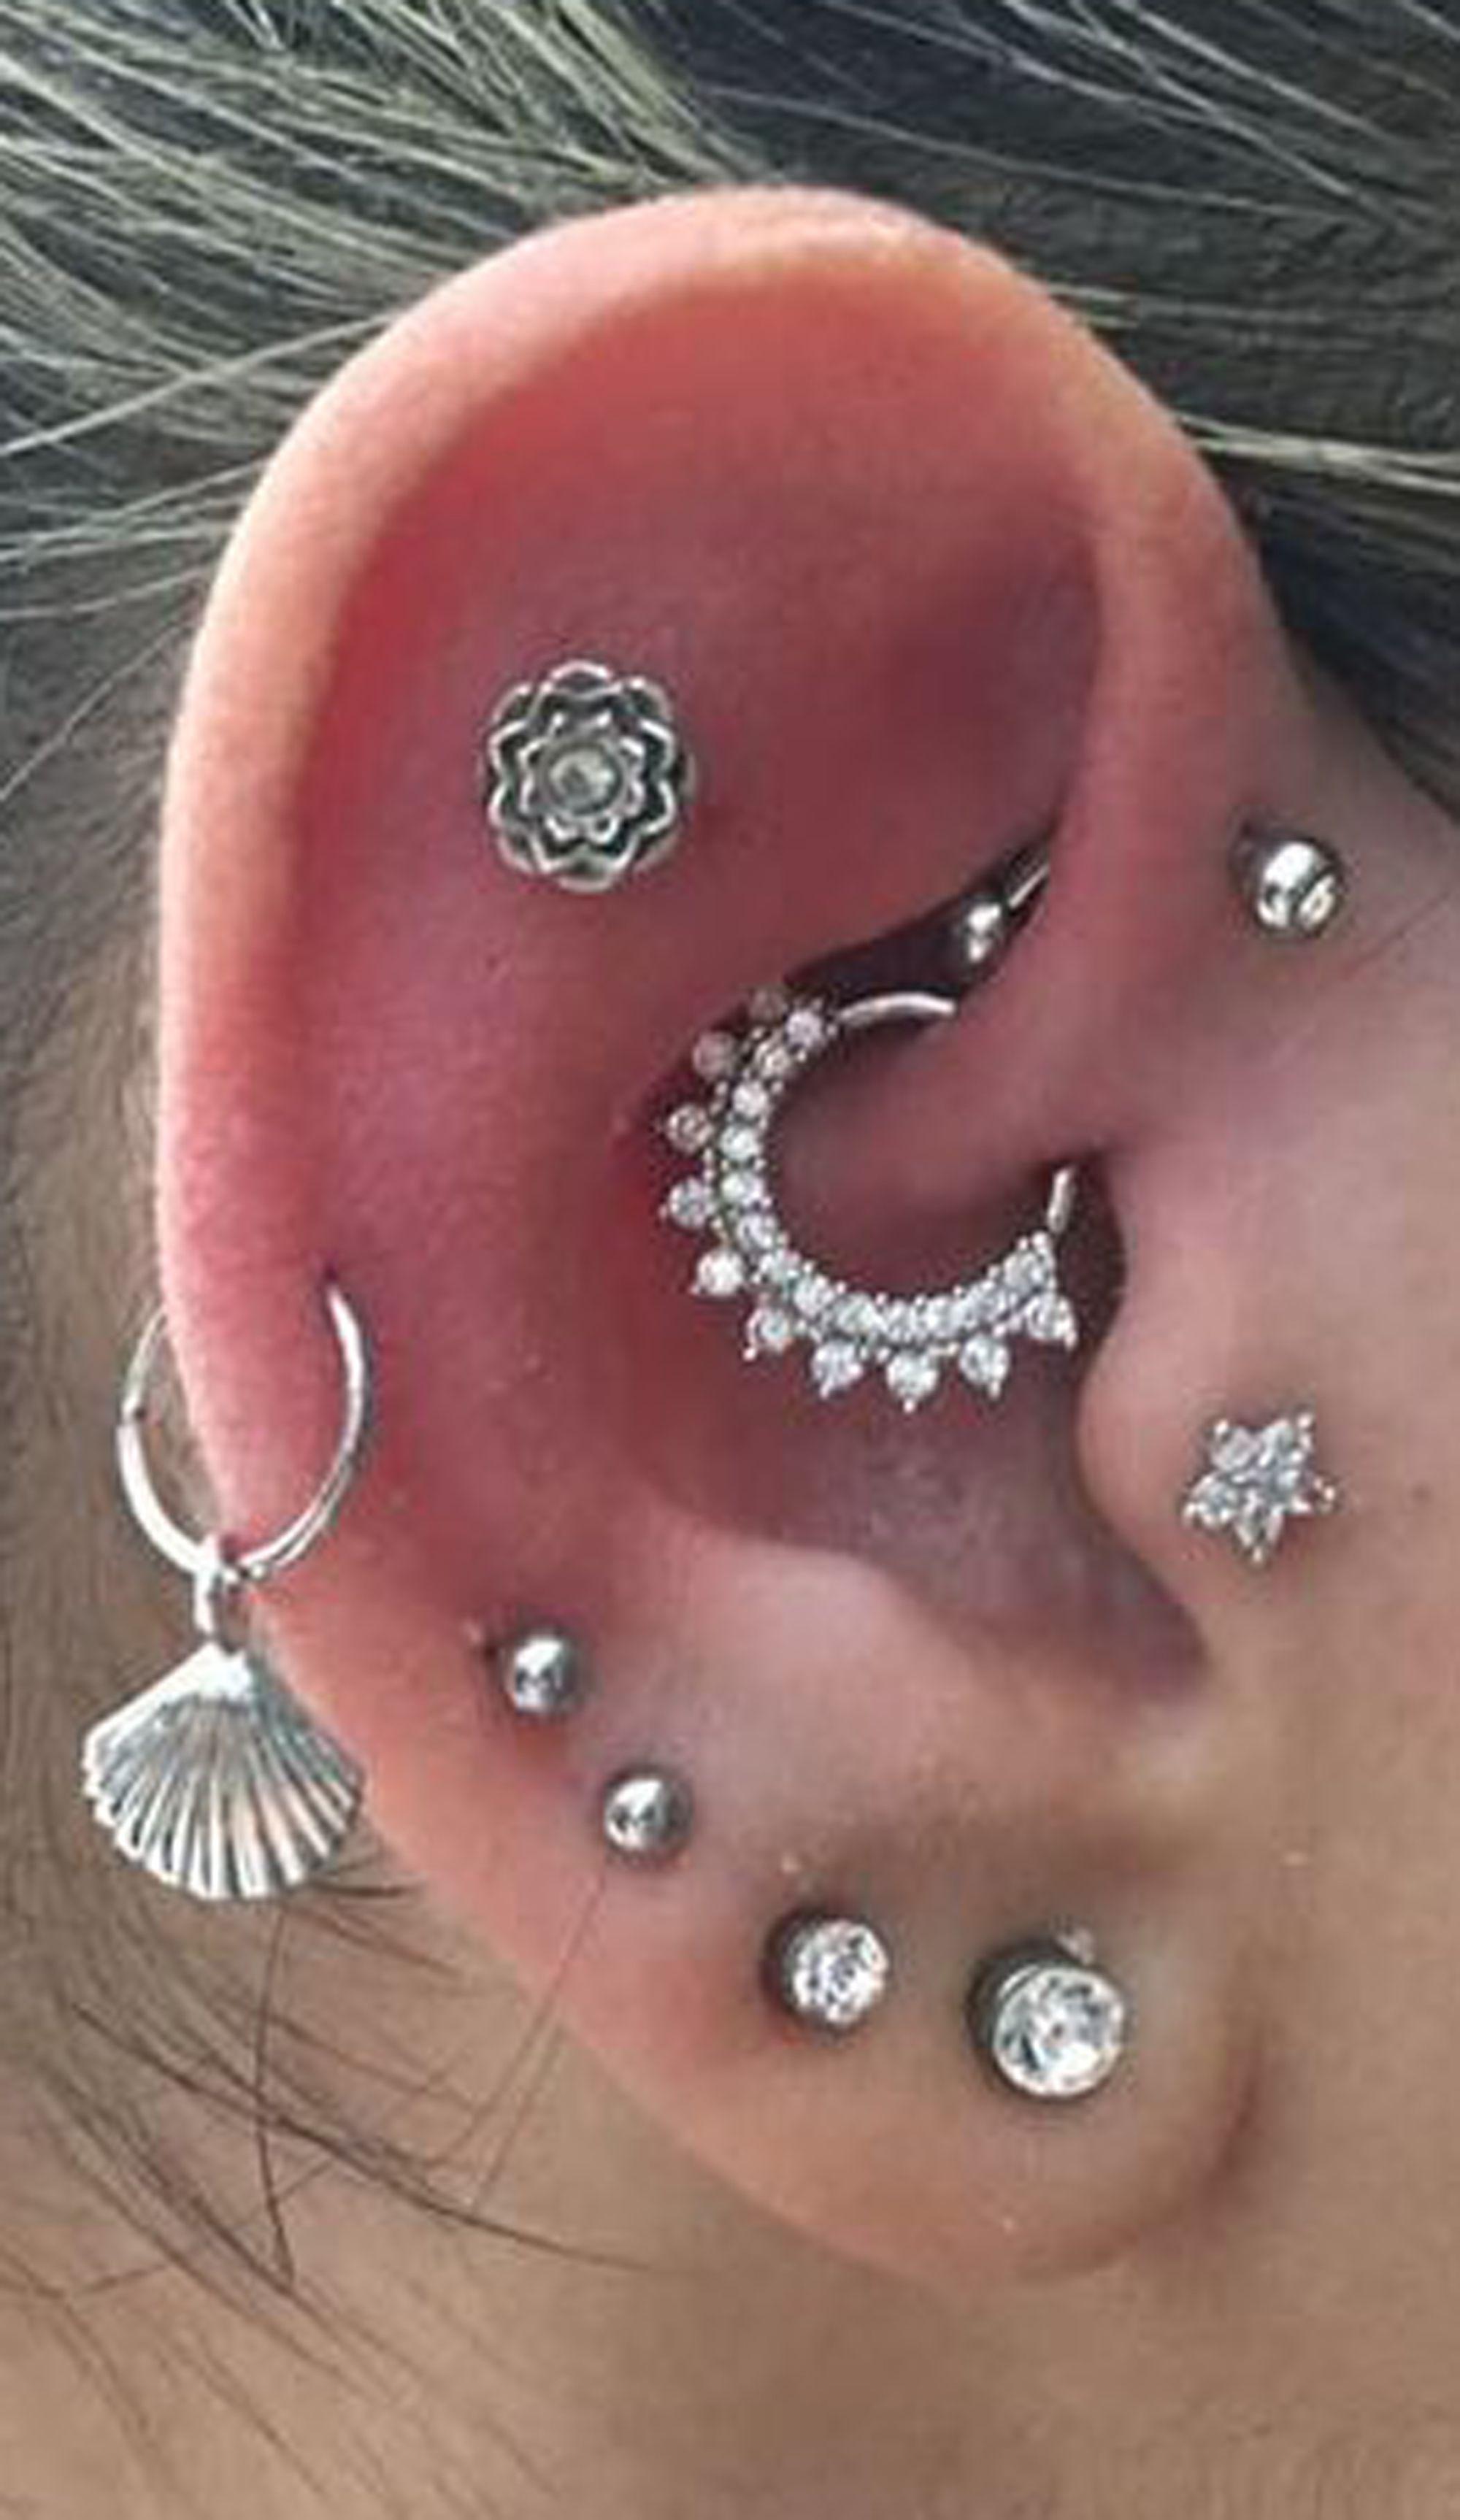 Ear lobe piercing names  cute multiple ear piercing ideas for women flower cartilage tragus